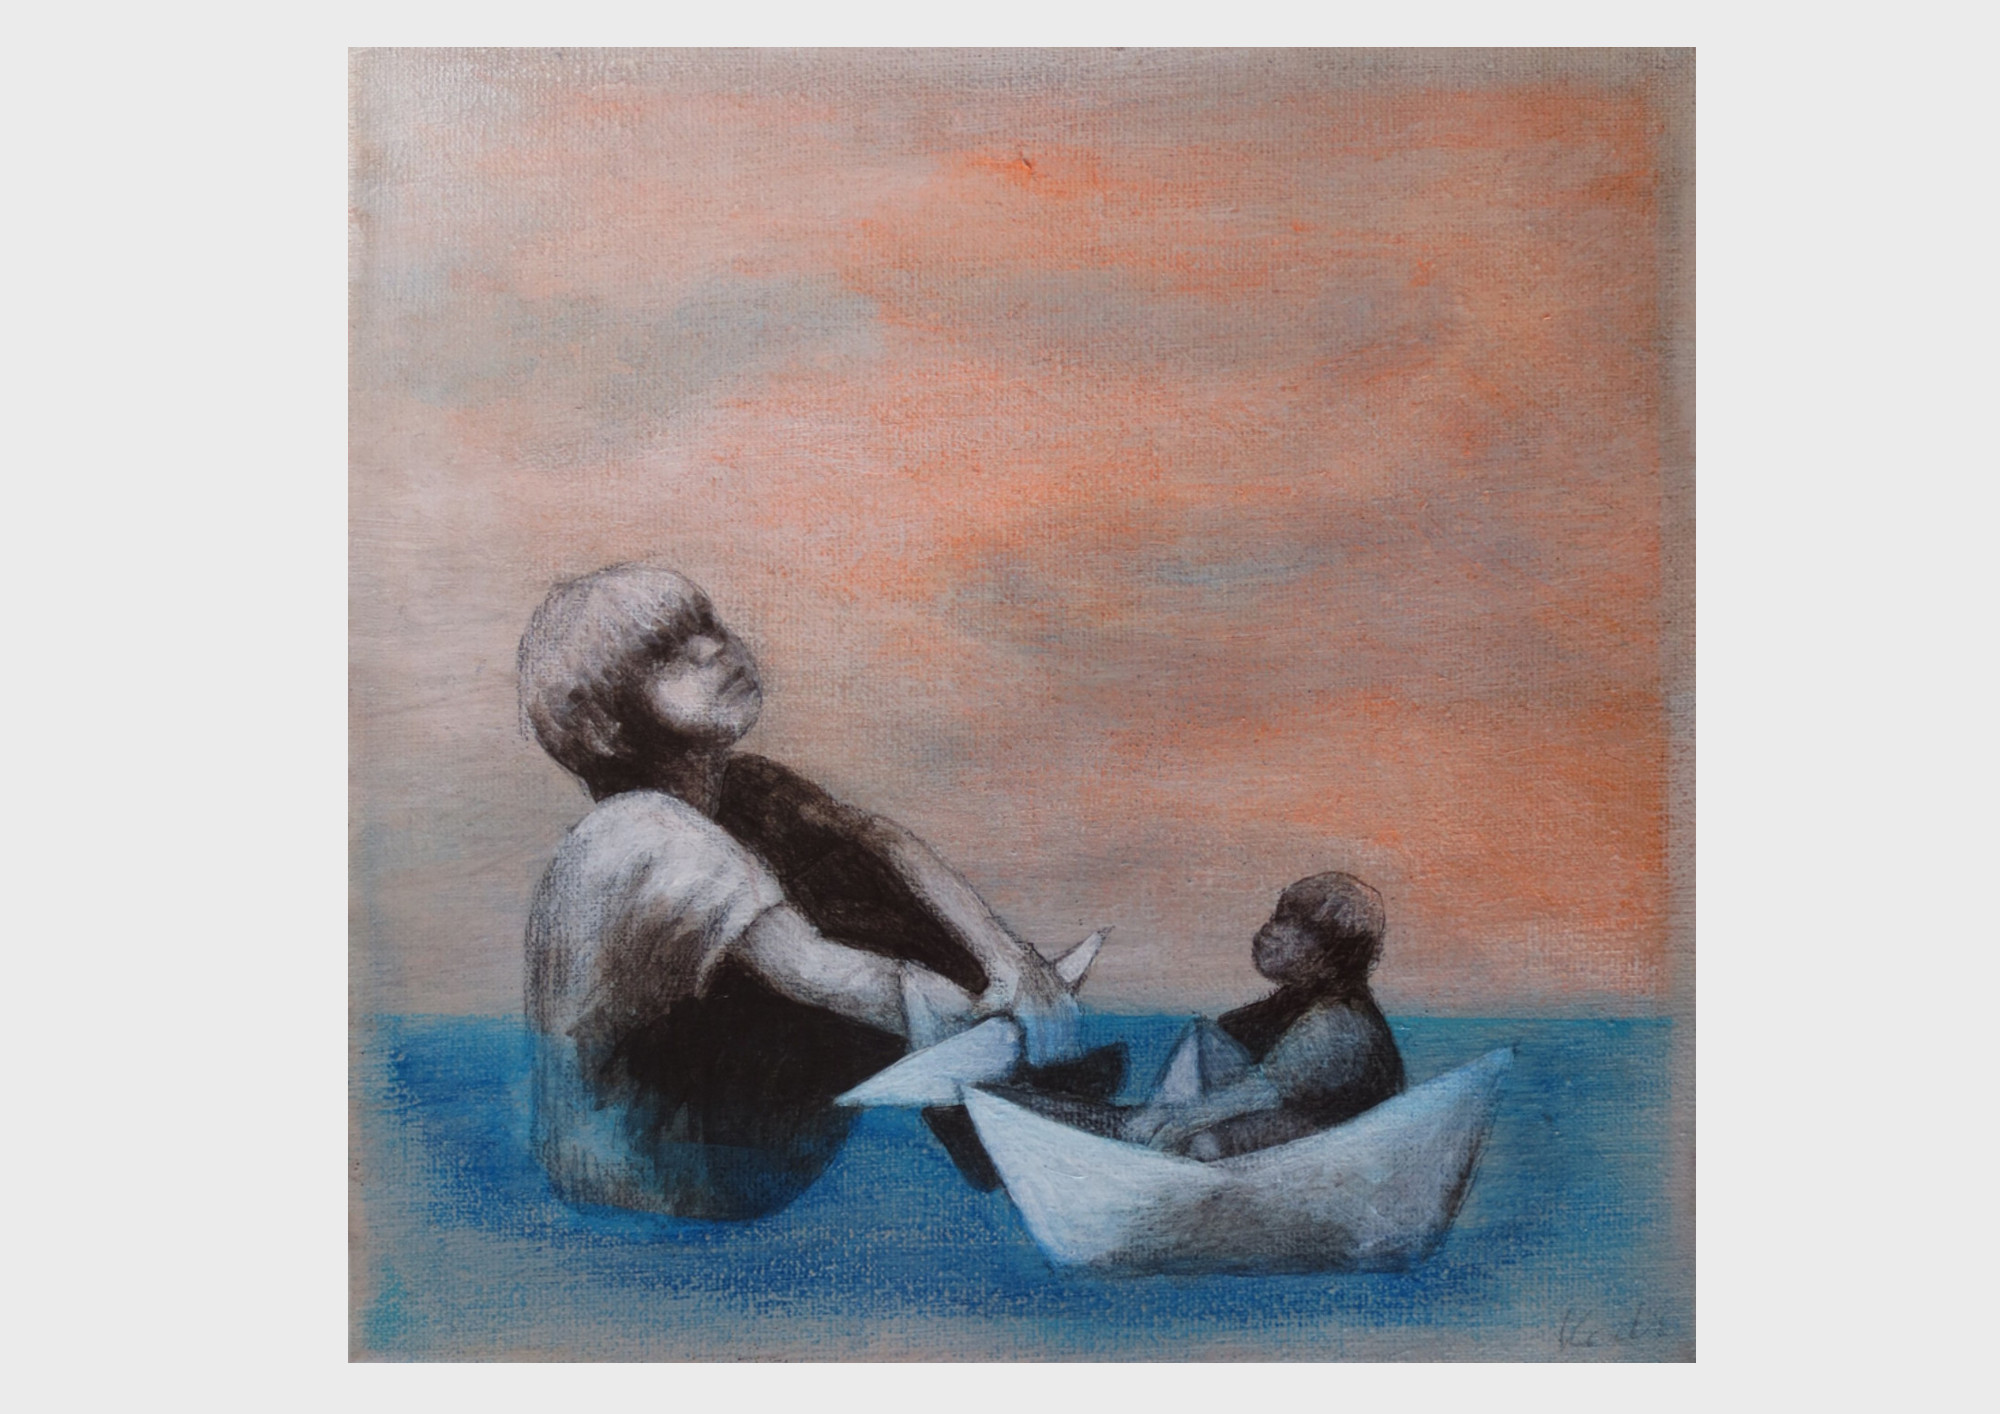 Quadratisches Acrylbild: Zwei Buben im Meer, treibend in ihren Schiffen aus Papier. Ein maritimes und verträumtes Motiv der Nürnberger Künstlerin Dorothea Koch. Türkisblaues Meer und orangener Wolken Himmel.